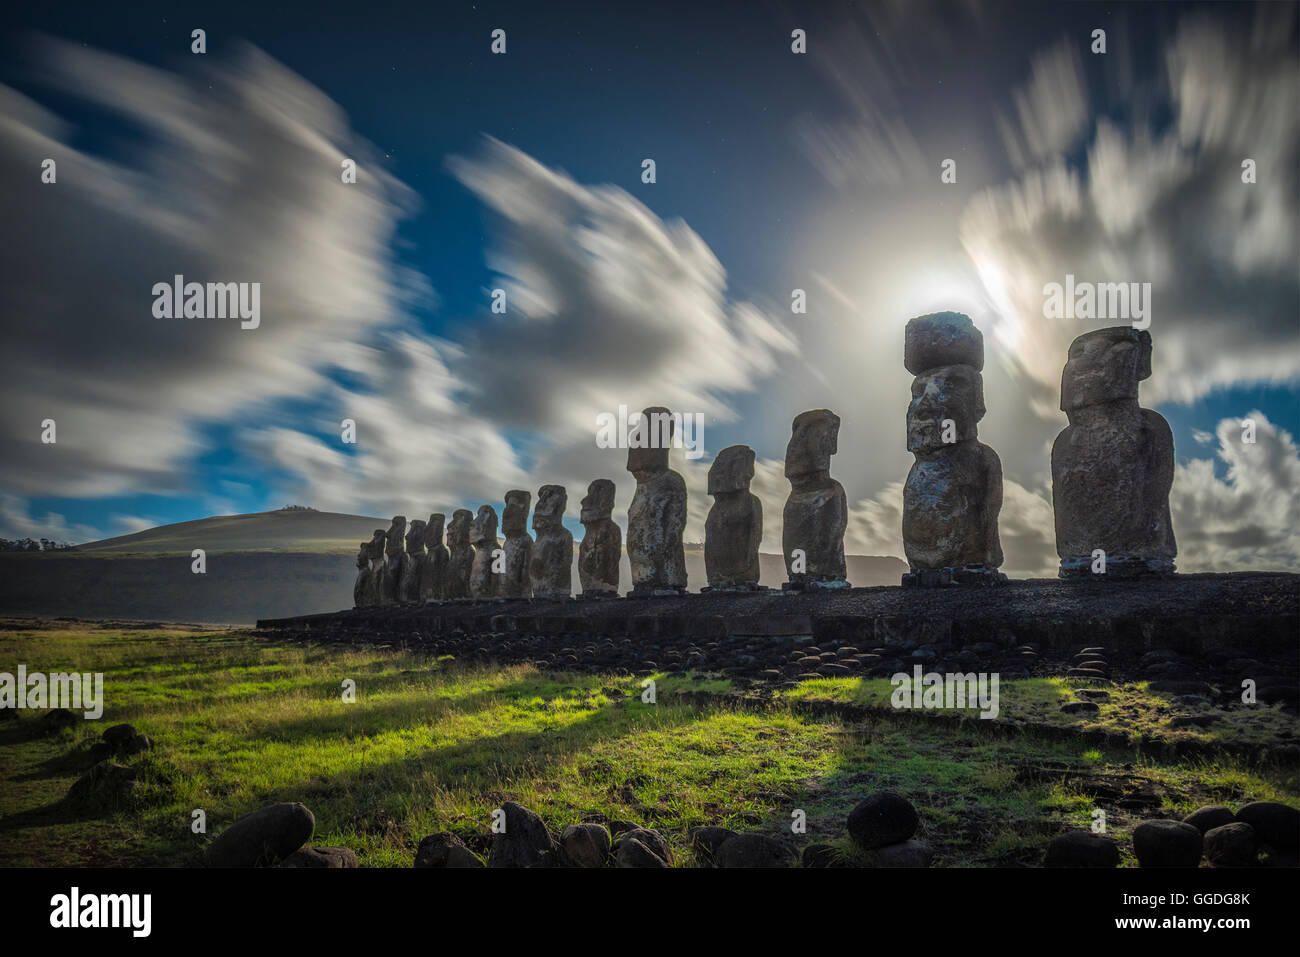 L'Amérique du Sud, le Chili, l'île de Pâques, Rapa Nui, Pacifique sud; l'UNESCO, Photo Stock